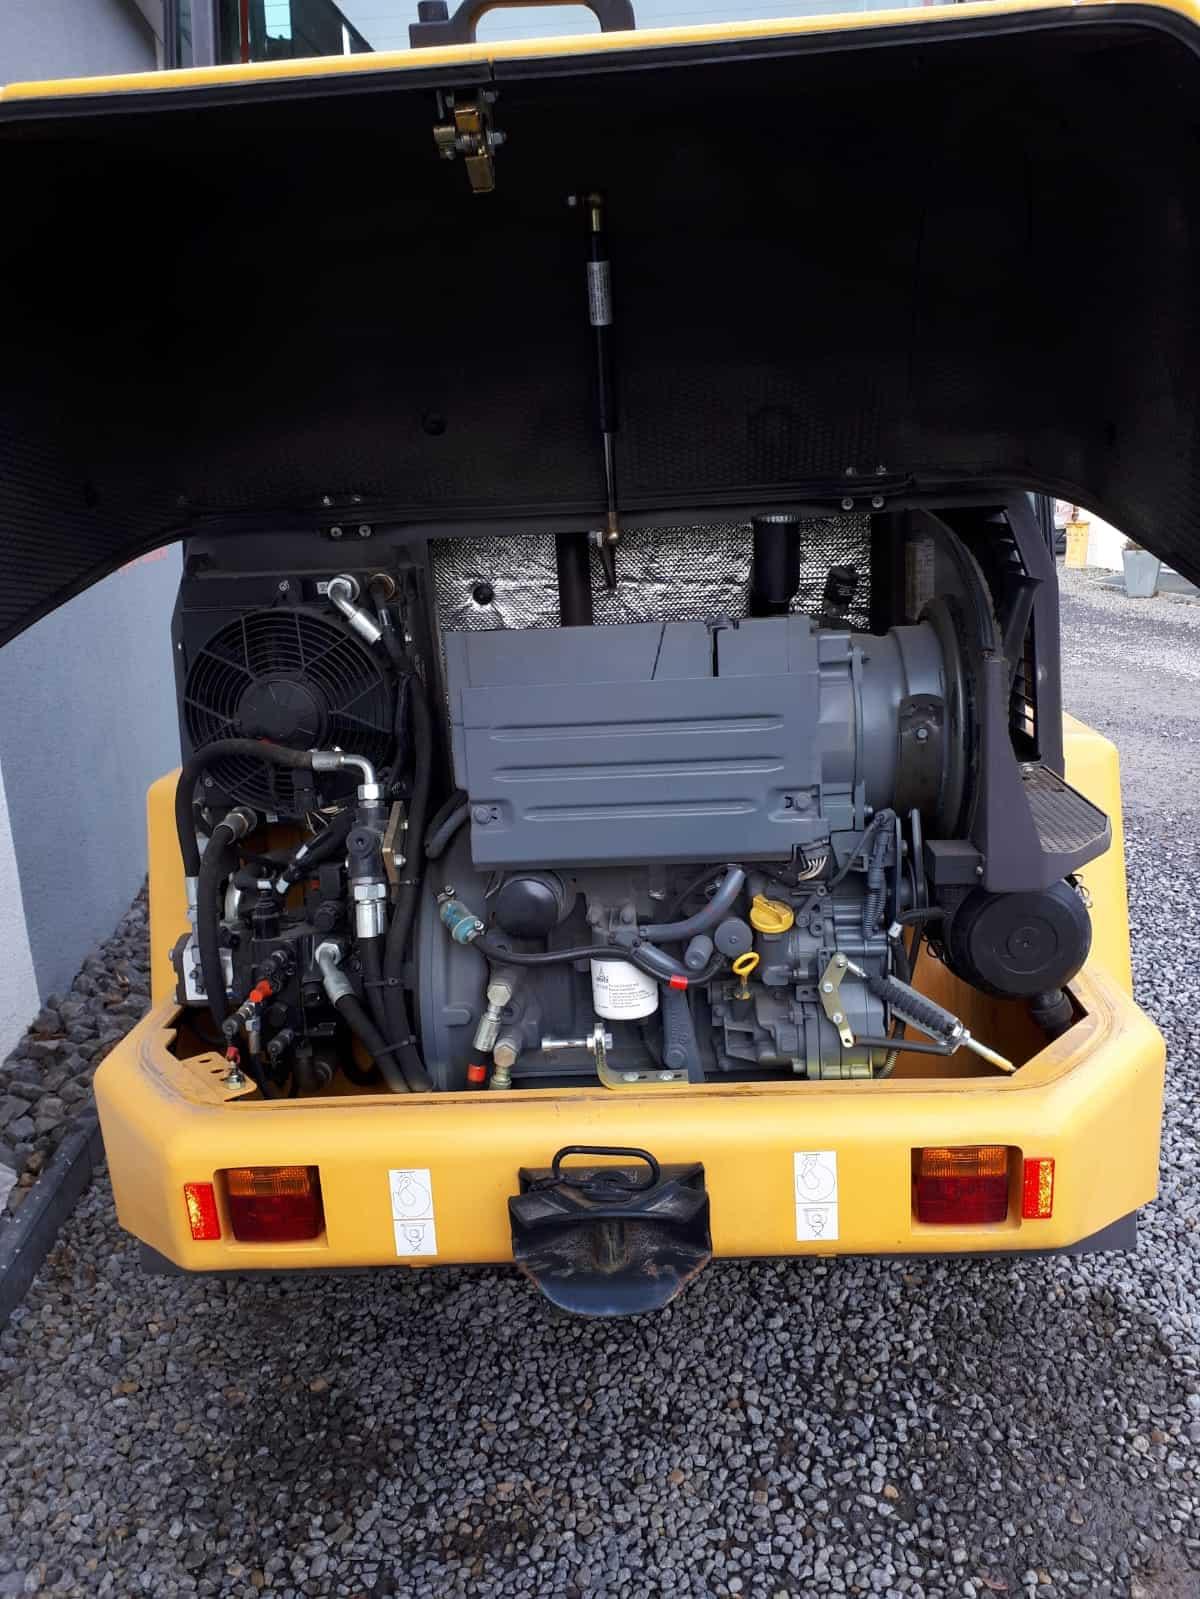 AHLMANN-AS50-gebraucht-kaufen-Radlader-Gebrauchtmarkt-MBN-Baumaschinen-Schwenklader-02